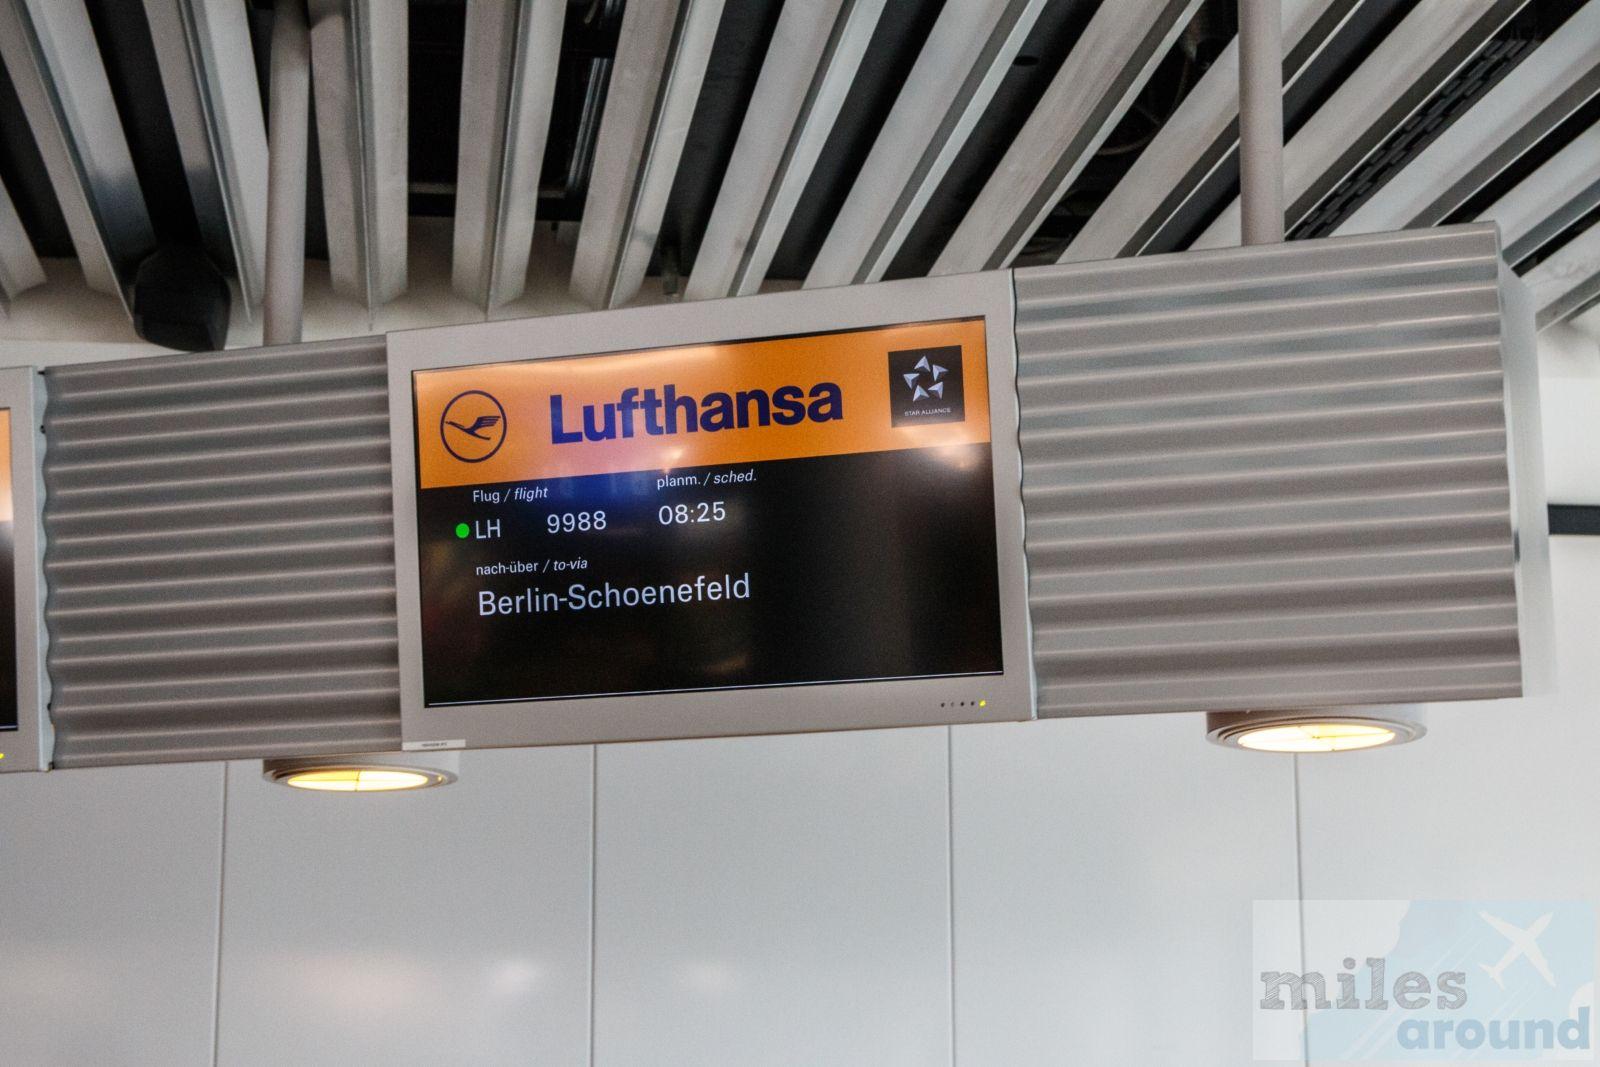 Sonderflug Mit dem Lufthansa Siegerflieger auf die ILA